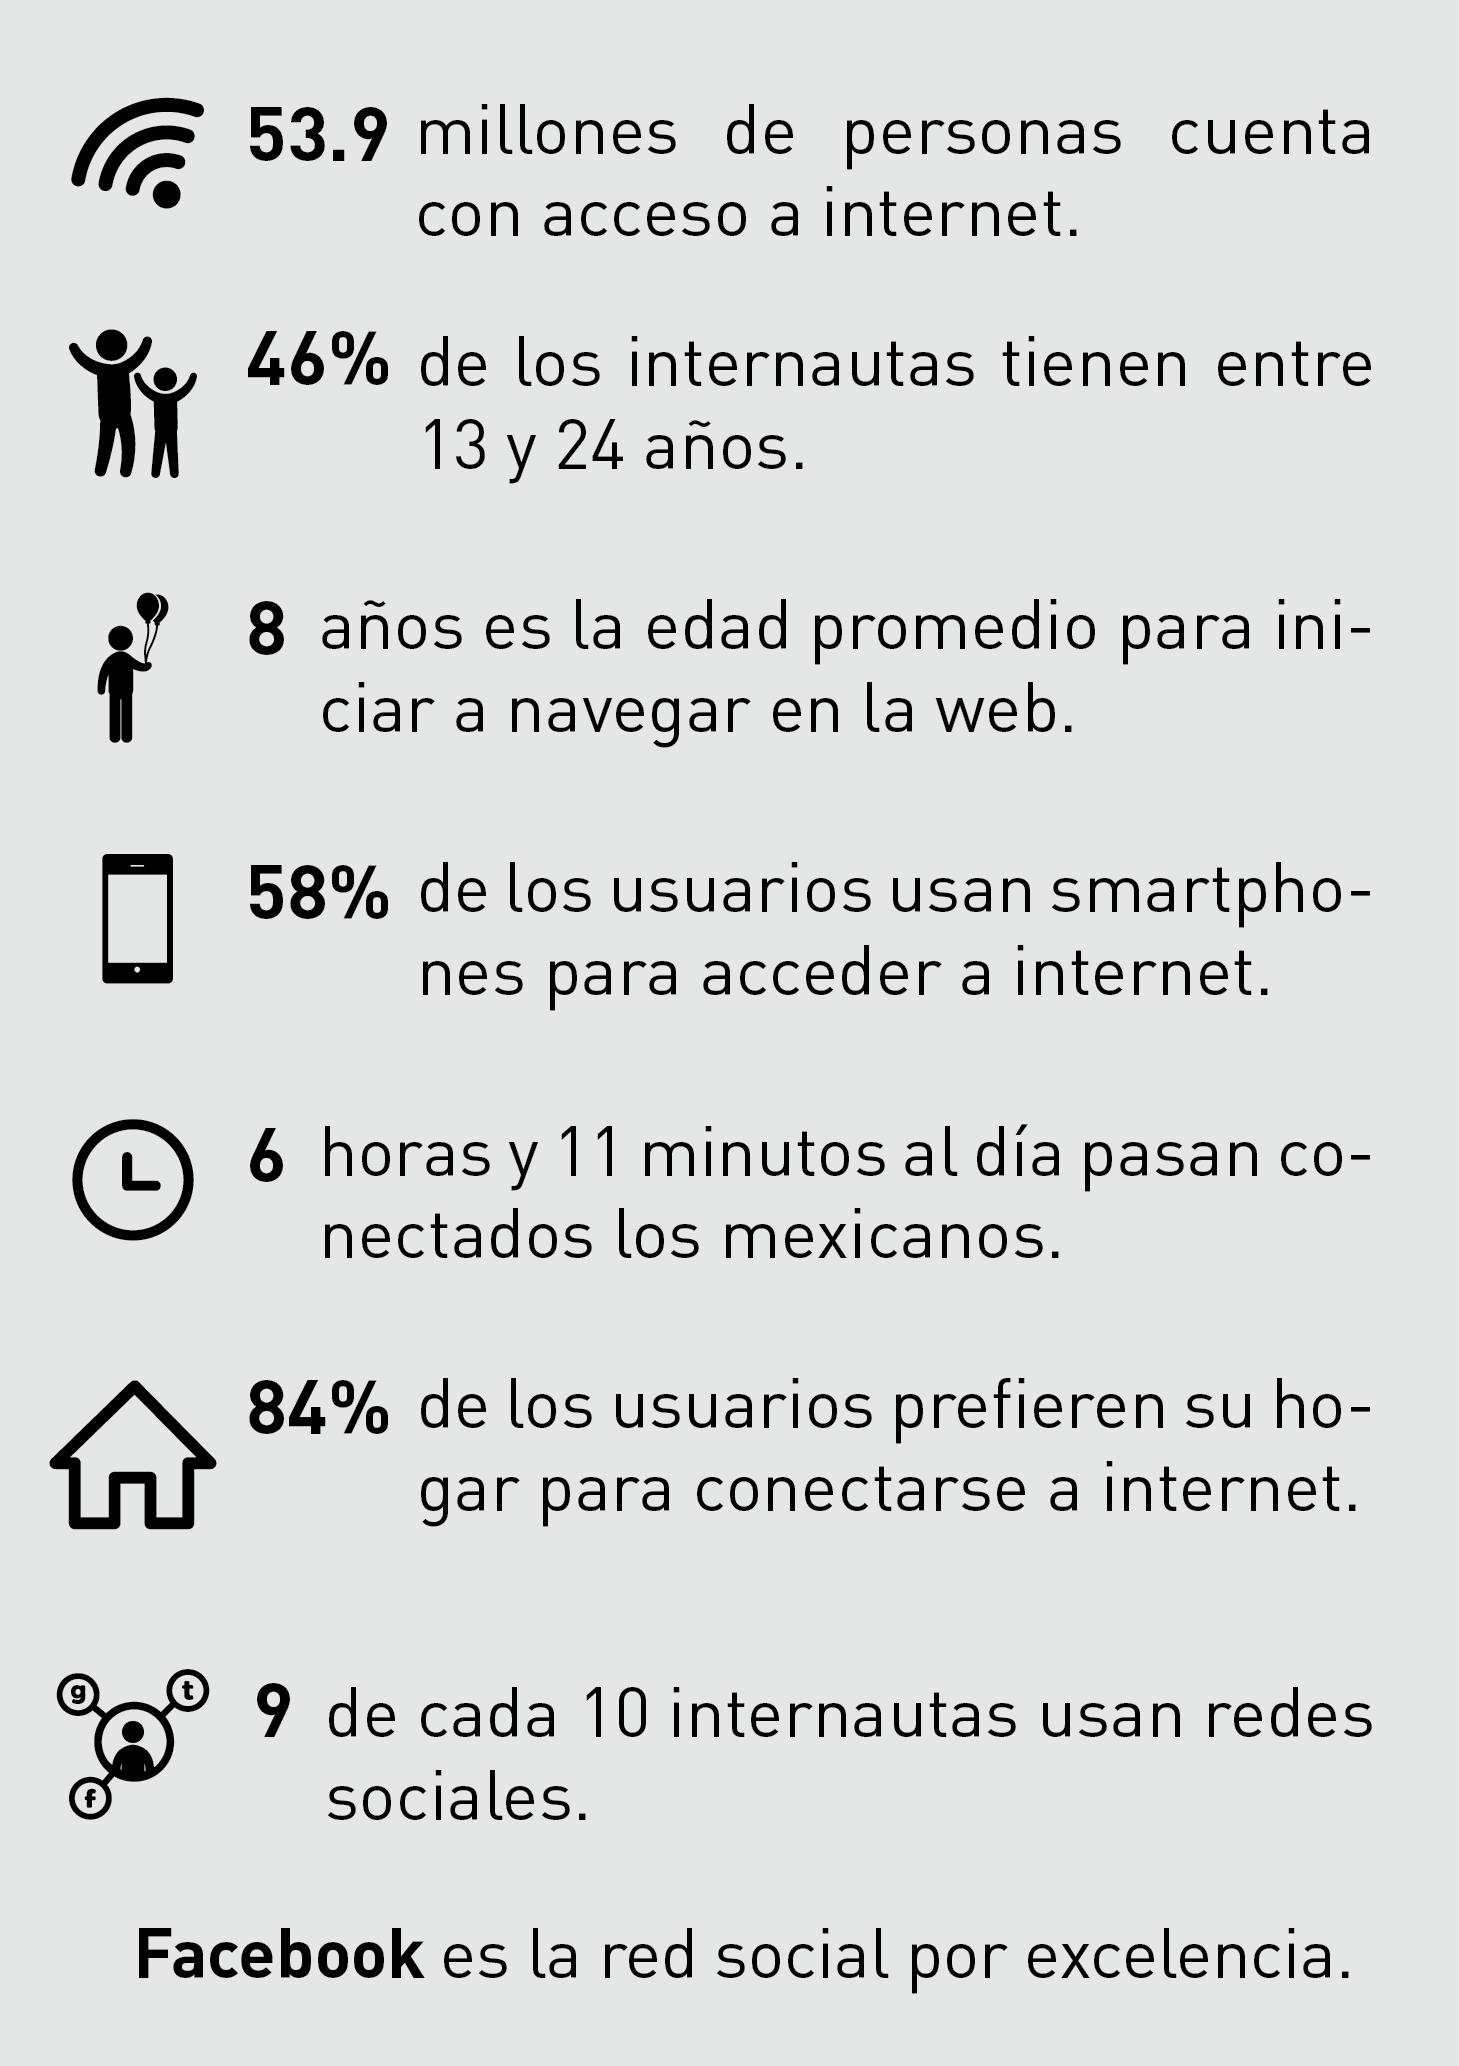 Vivir en la web | Crece número de internautas pero a menor ritmo